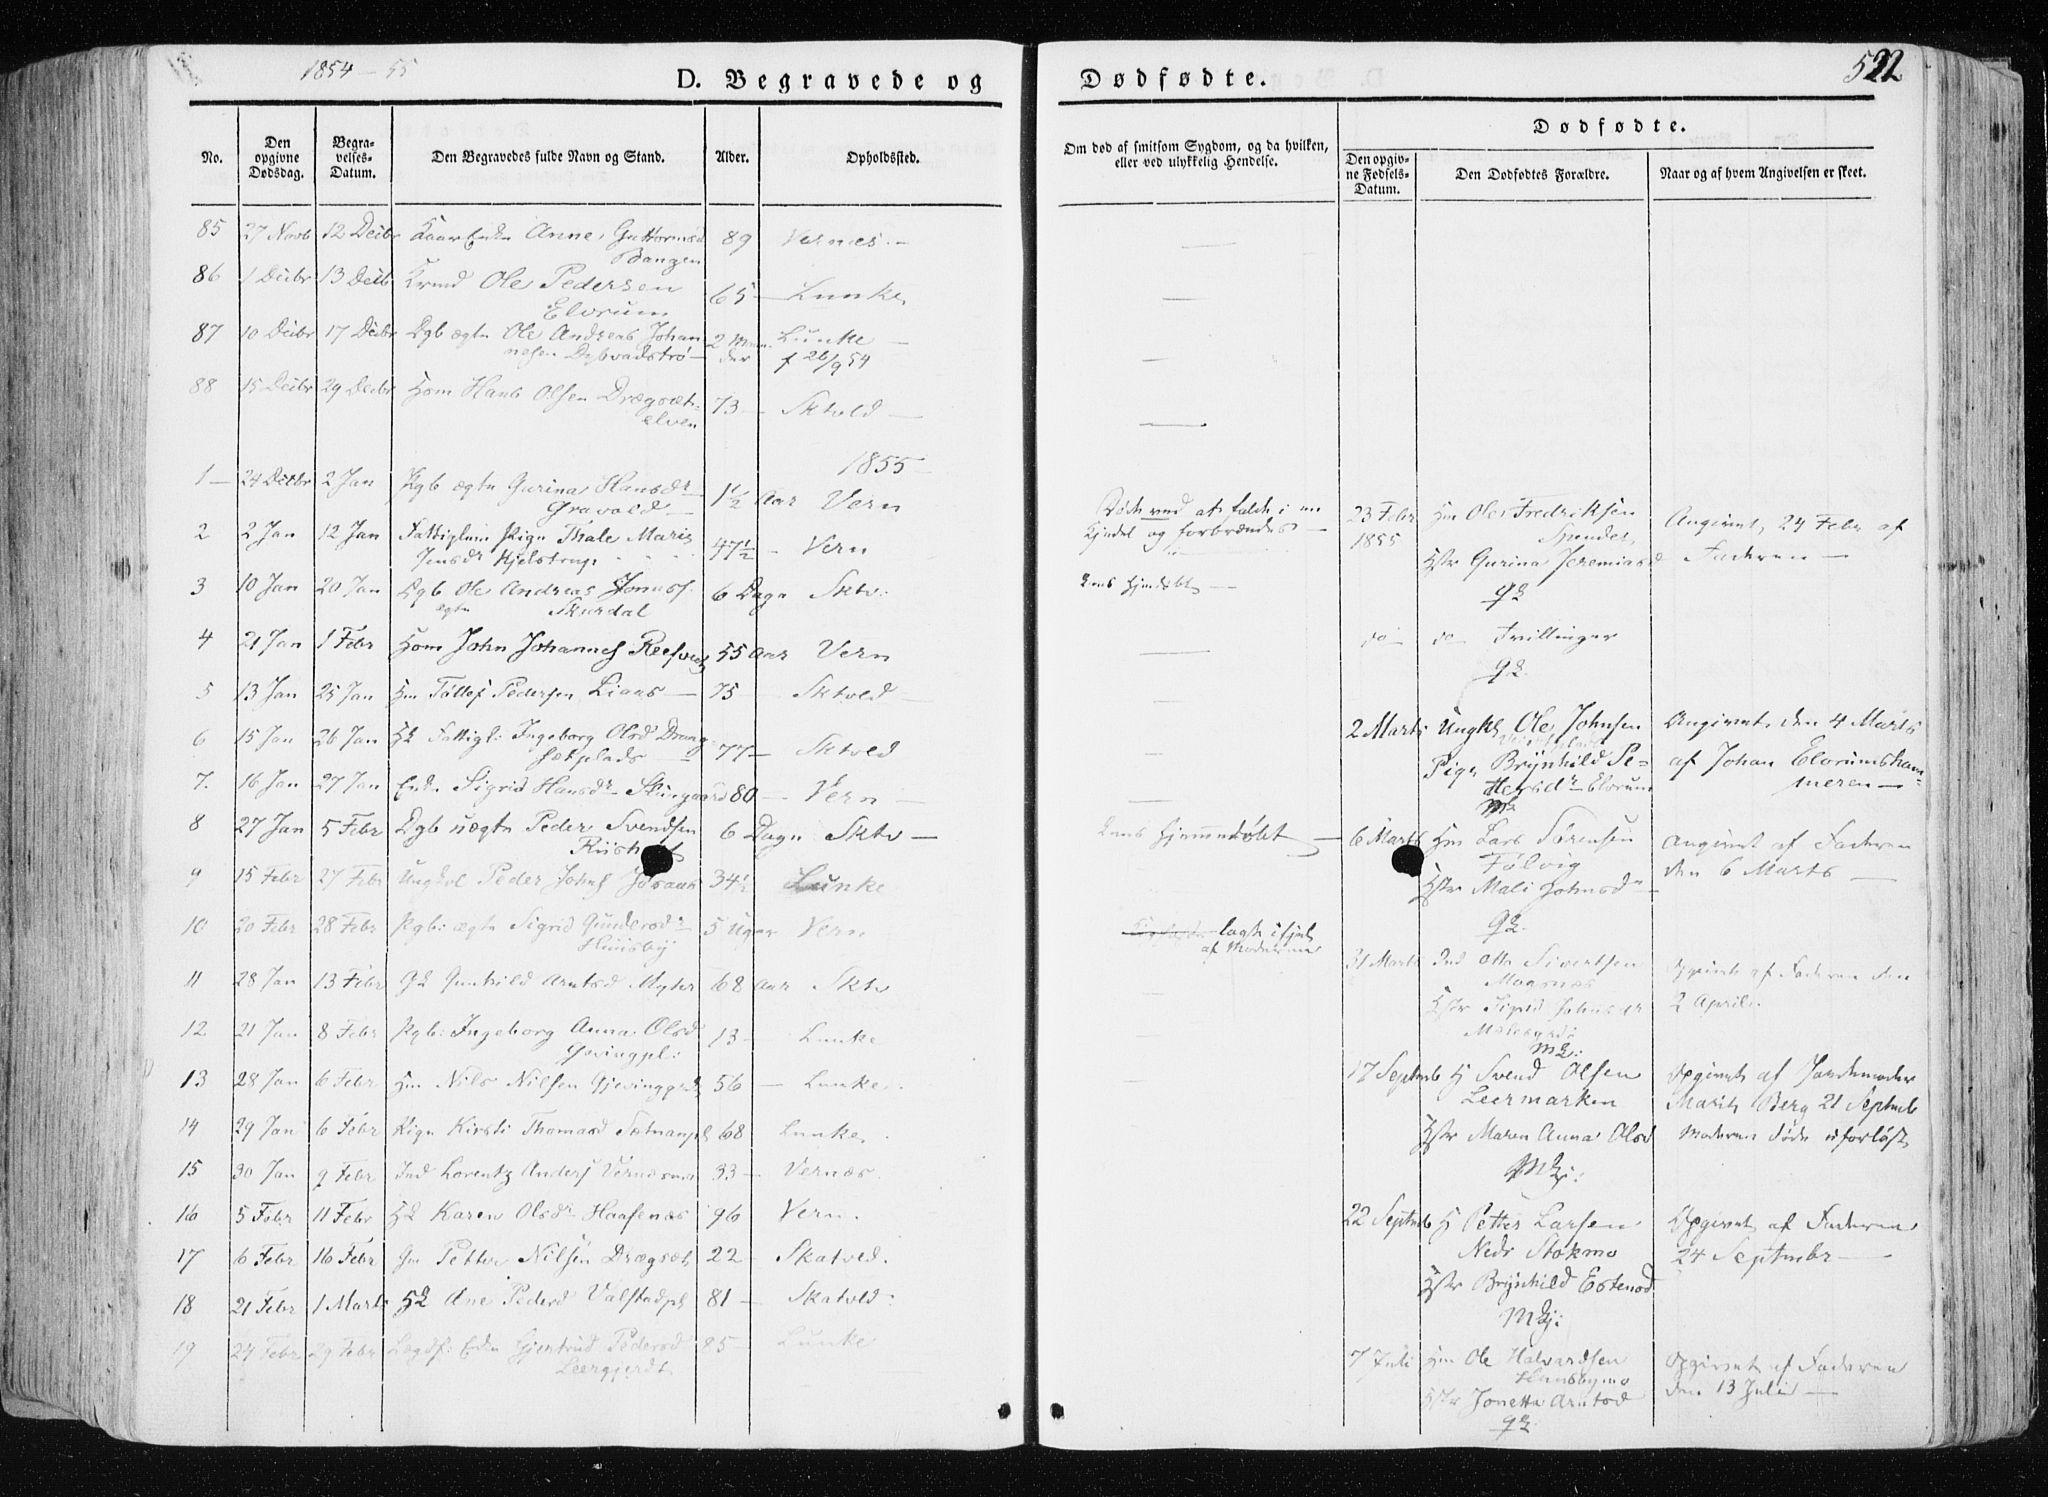 SAT, Ministerialprotokoller, klokkerbøker og fødselsregistre - Nord-Trøndelag, 709/L0074: Ministerialbok nr. 709A14, 1845-1858, s. 522